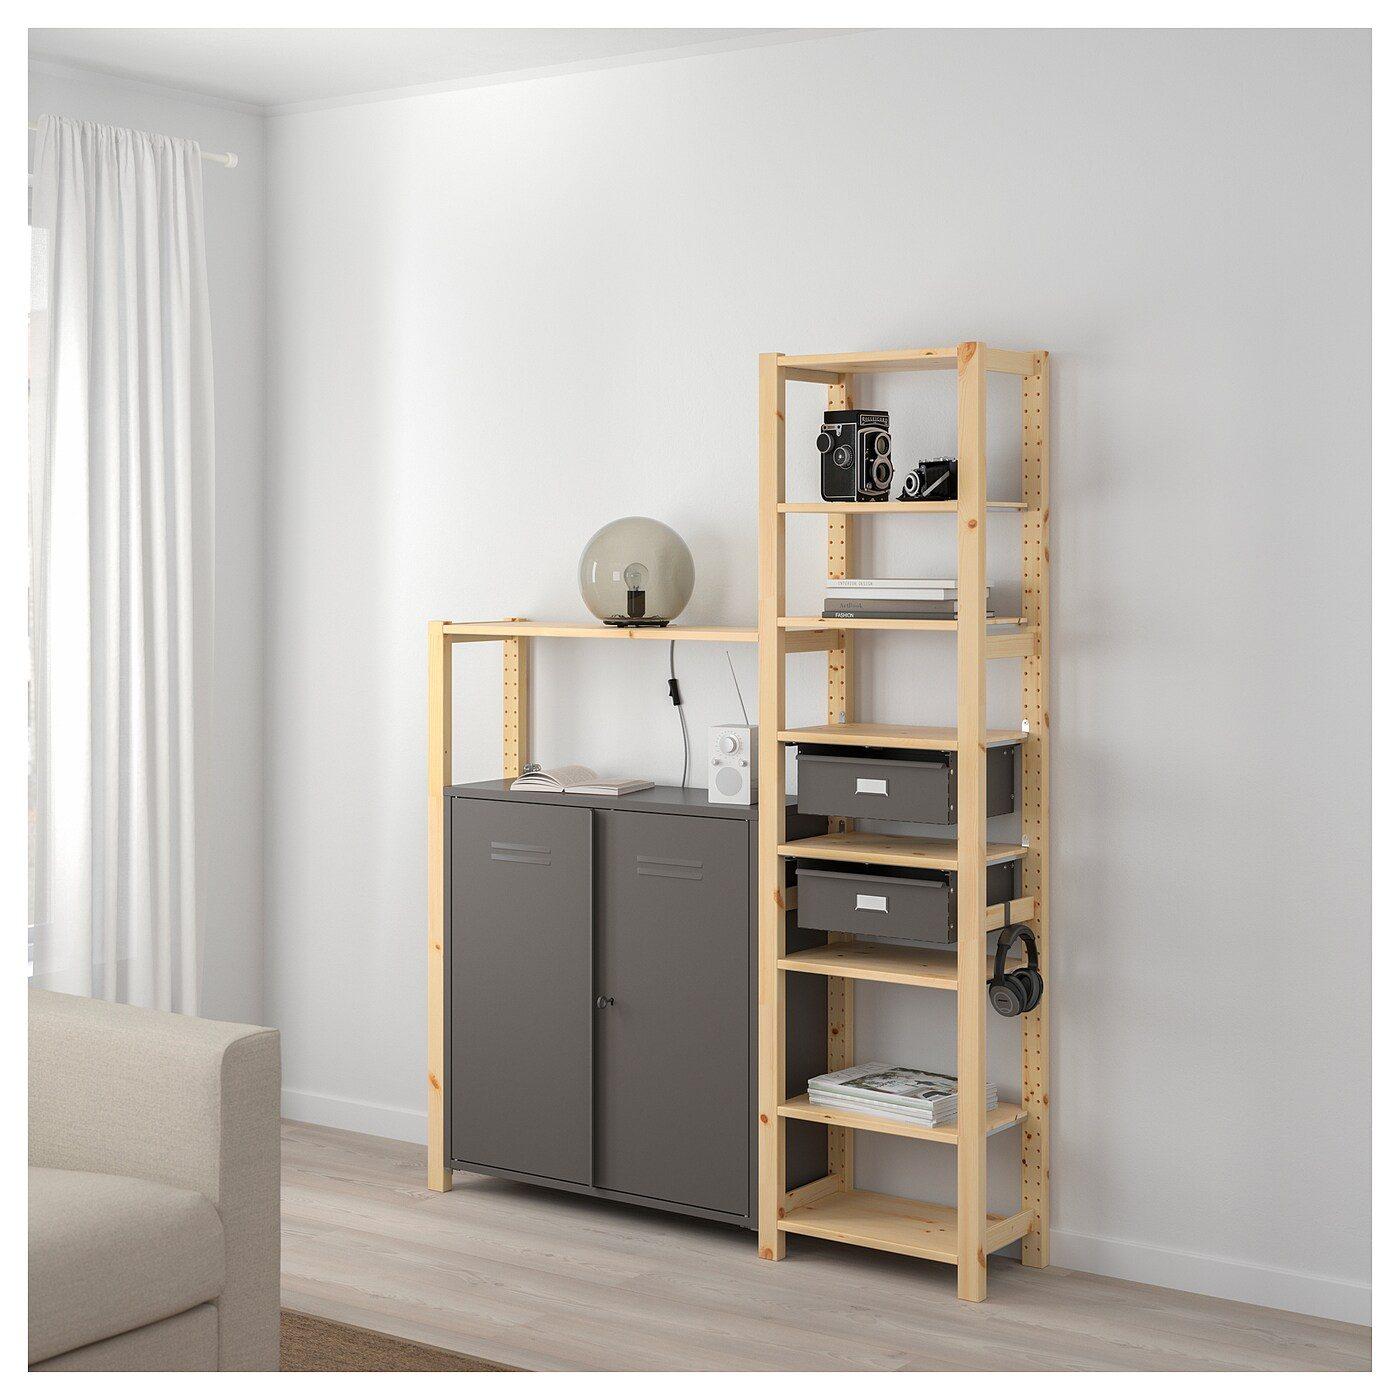 Ikea Scaffali Legno Ivar ivar 2 sezioni/ripiani/mobile ivar pino, grigio (ikea italy